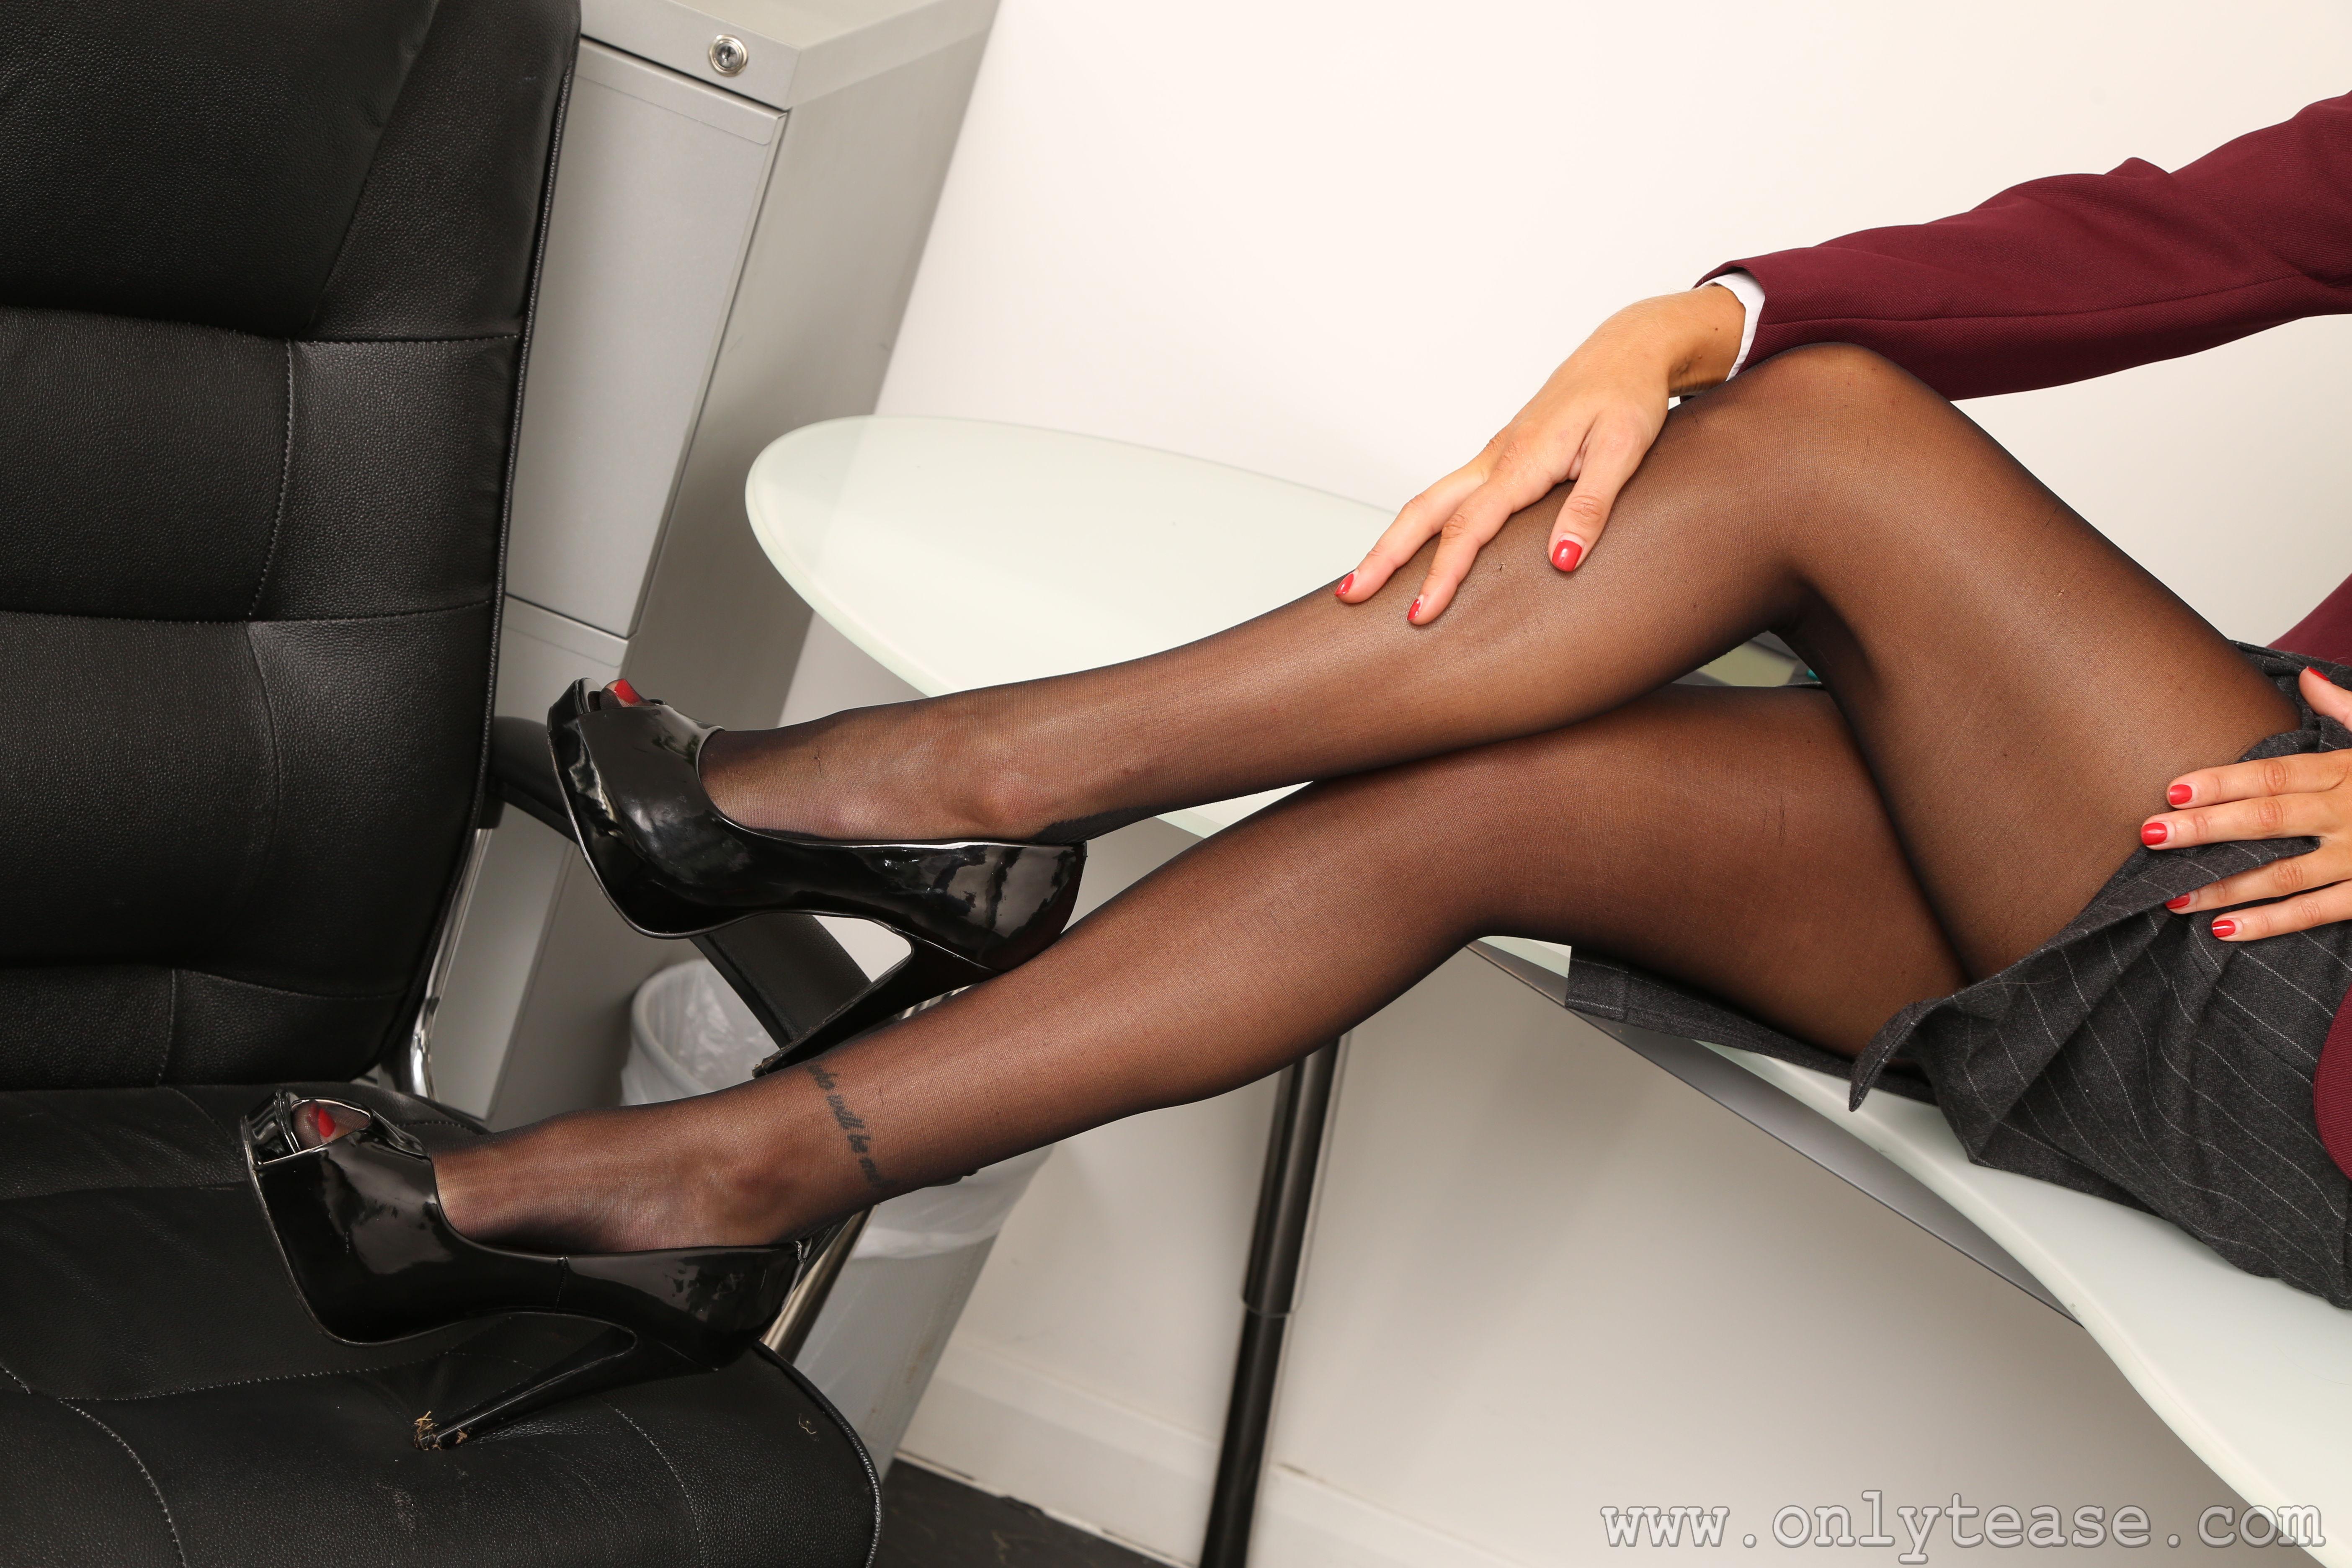 Картинки колготок молодая женщина Ноги Руки Крупным планом туфлях 5616x3744 Колготки колготках девушка Девушки молодые женщины ног рука вблизи Туфли туфель